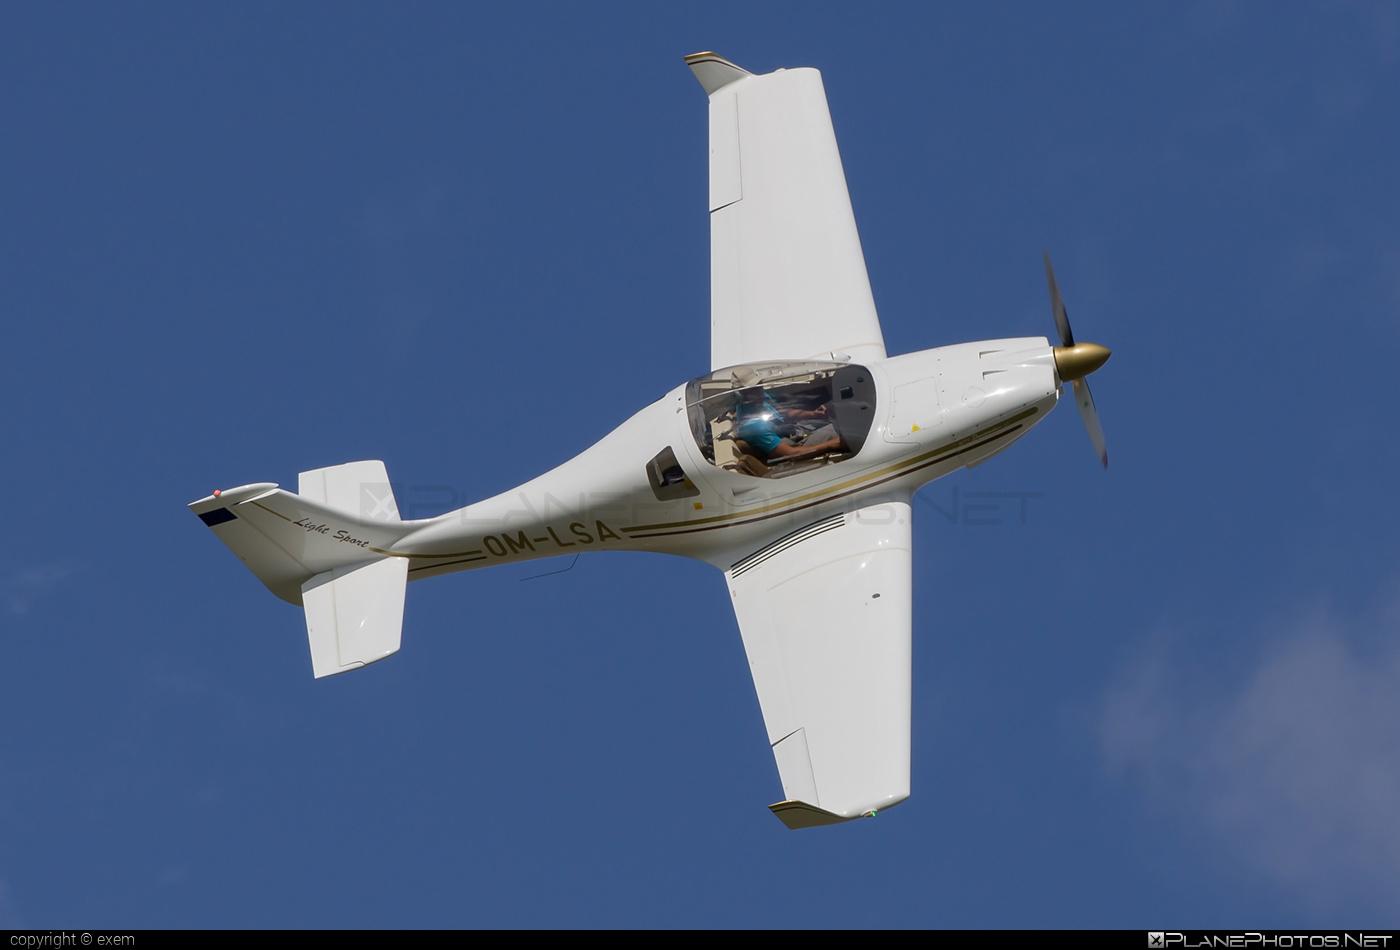 Aerospool WT9 Dynamic LS - OM-LSA operated by Aerospool #aerospool #dynamicls #wt9 #wt9dynamic #wt9dynamicls